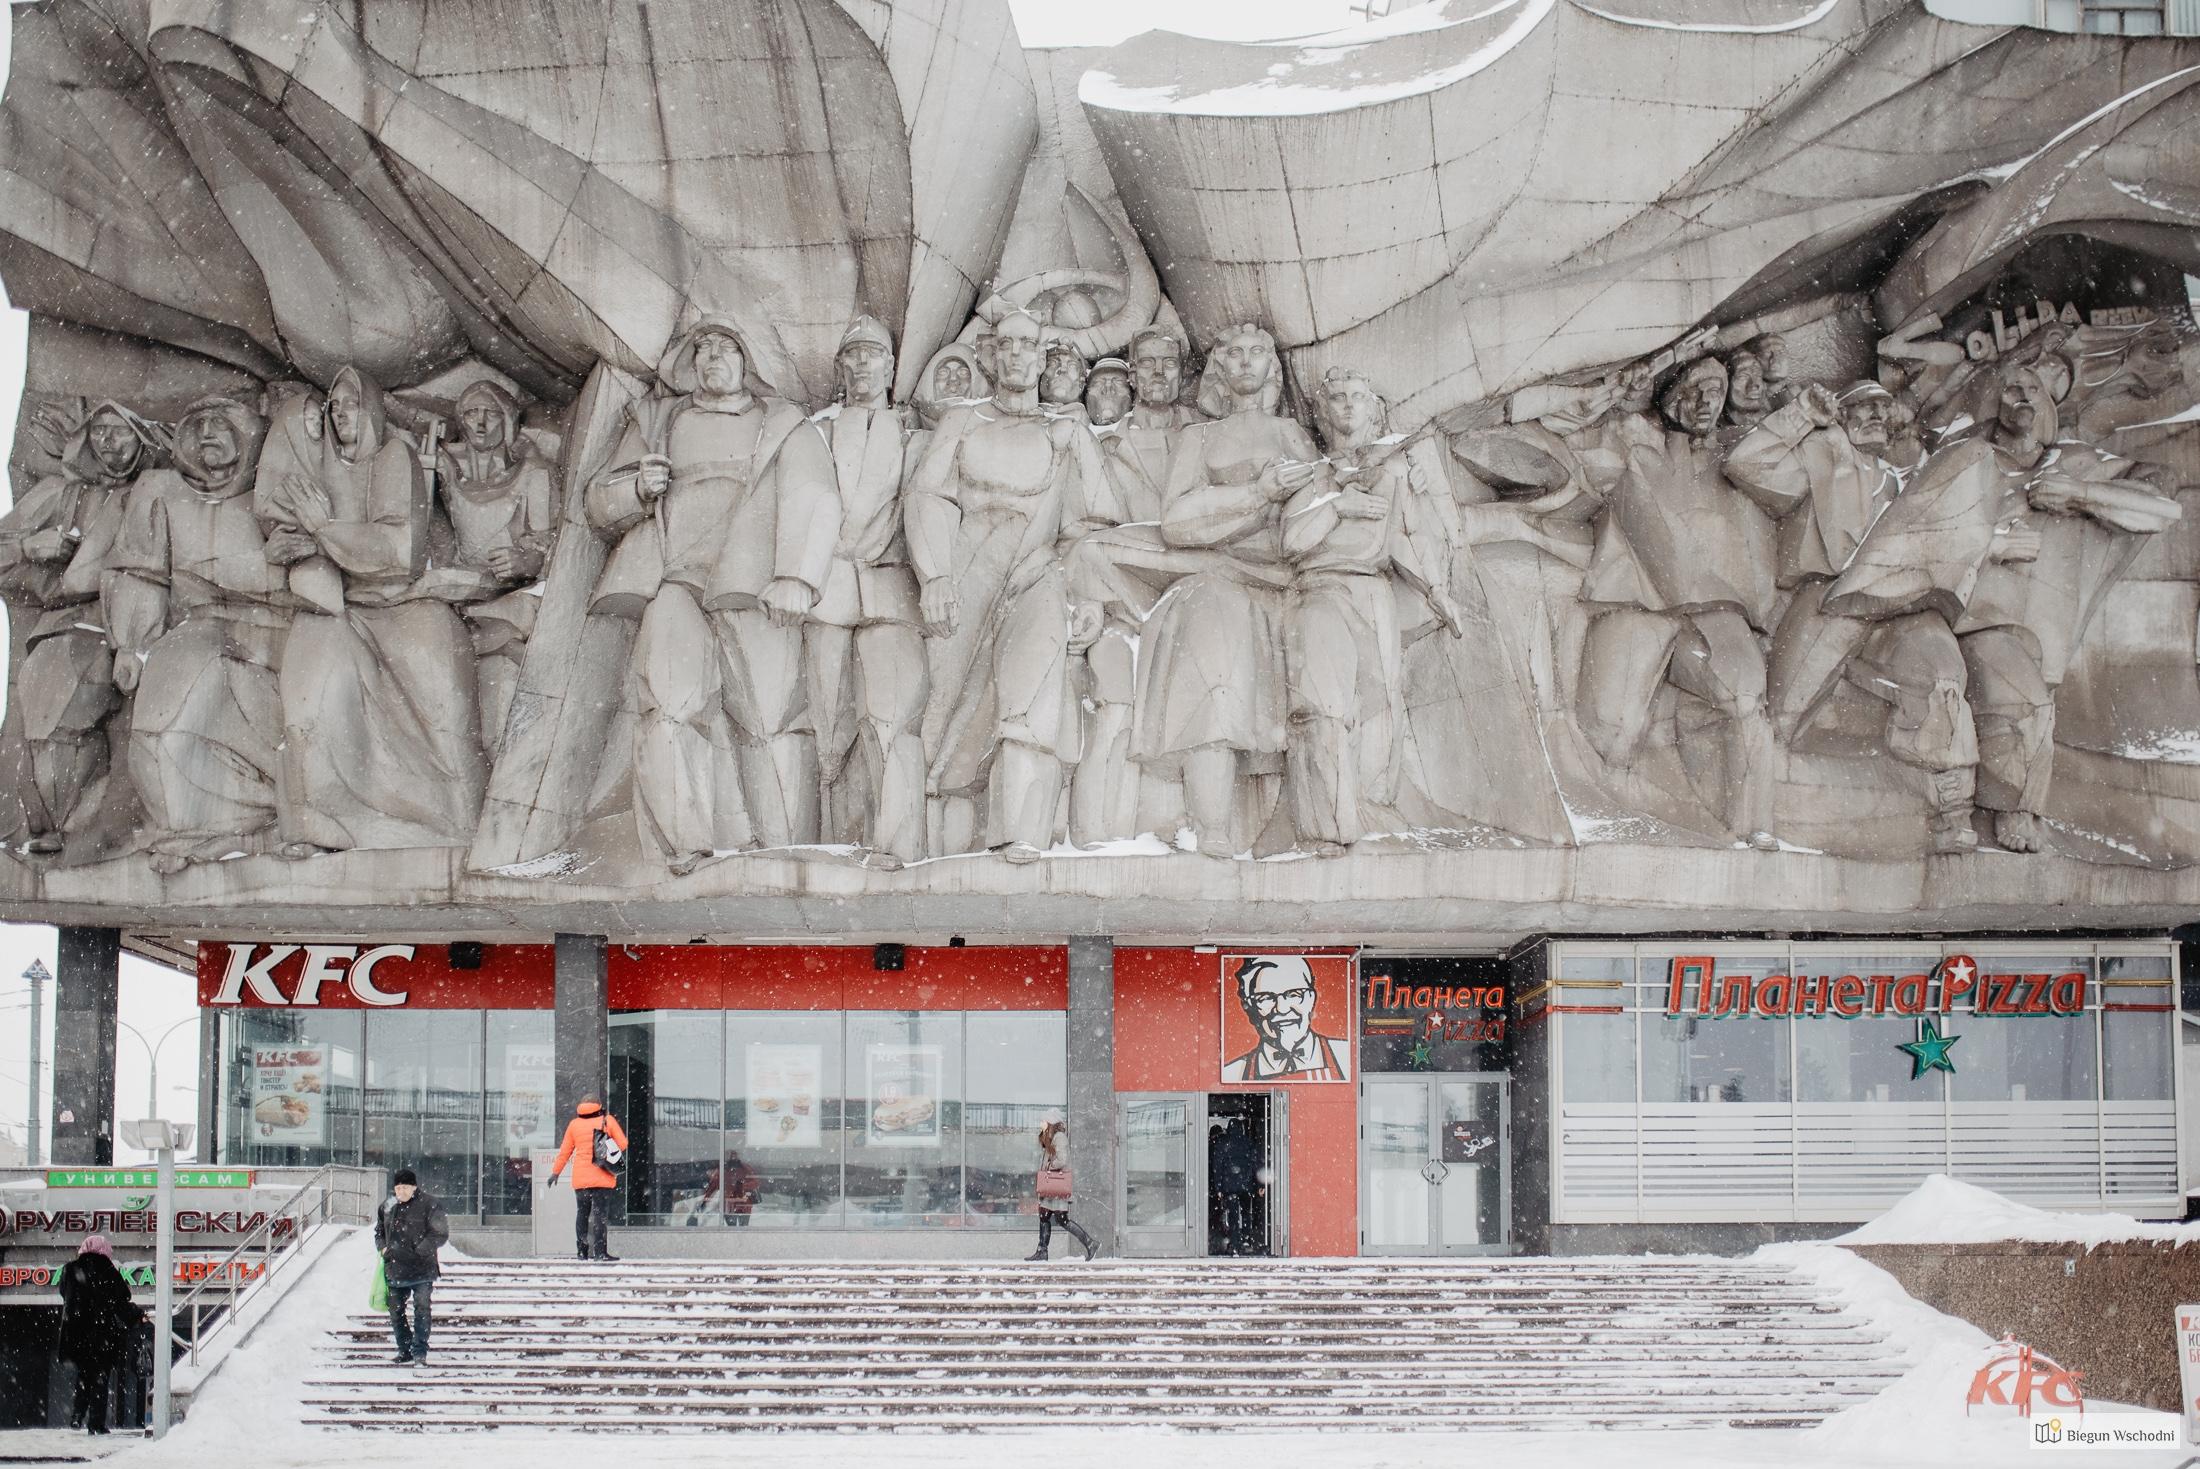 Zanim Odwiedzisz Mińsk W Marcu… Zastanów Się